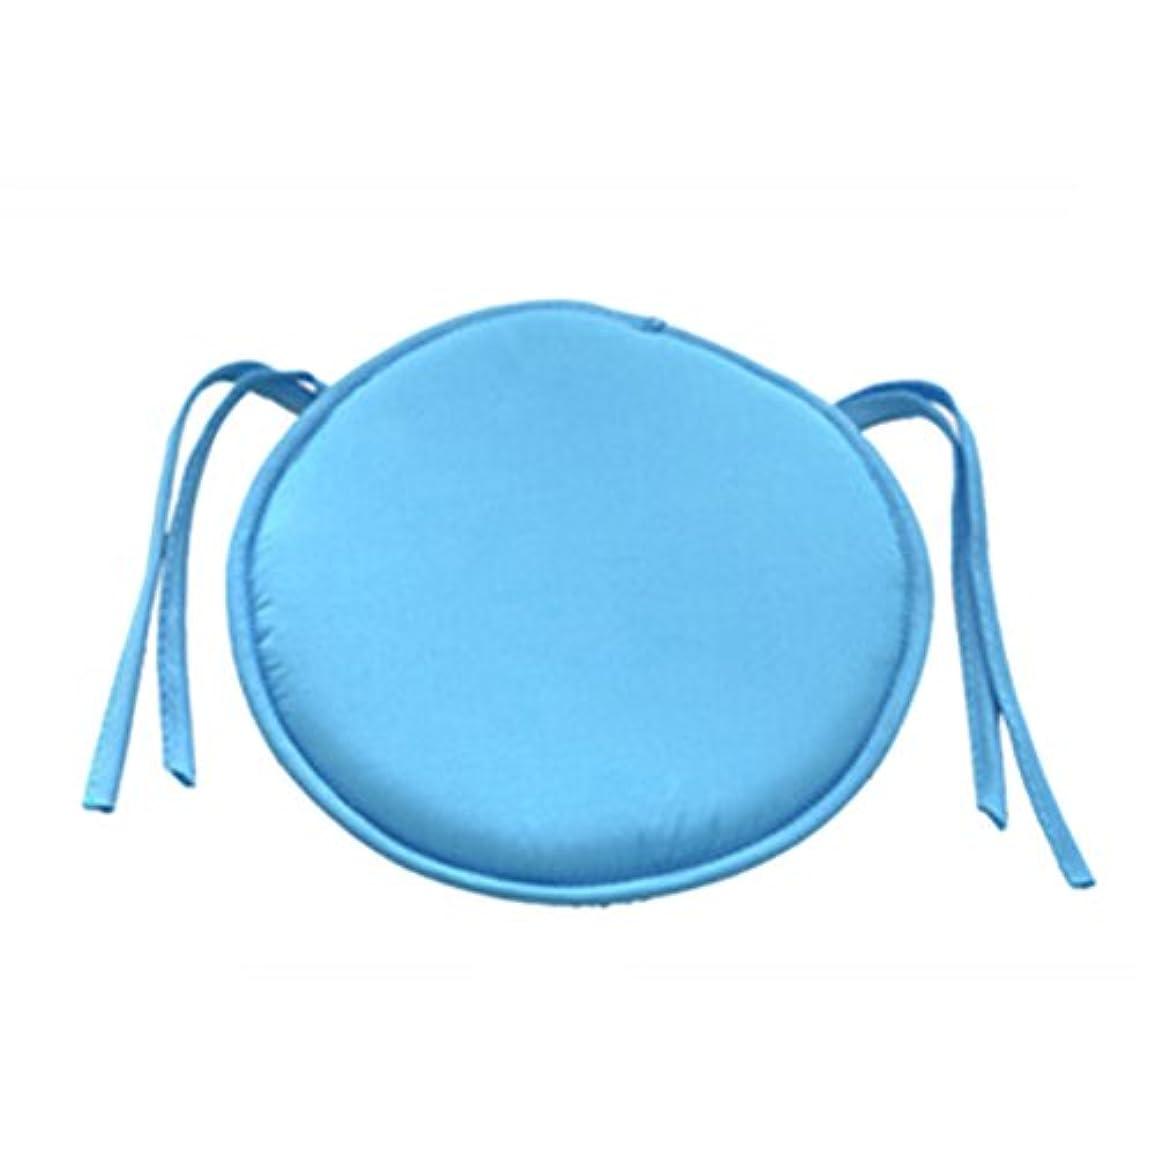 描写冷笑する依存するLIFE ホット販売ラウンドチェアクッション屋内ポップパティオオフィスチェアシートパッドネクタイスクエアガーデンキッチンダイニングクッション クッション 椅子